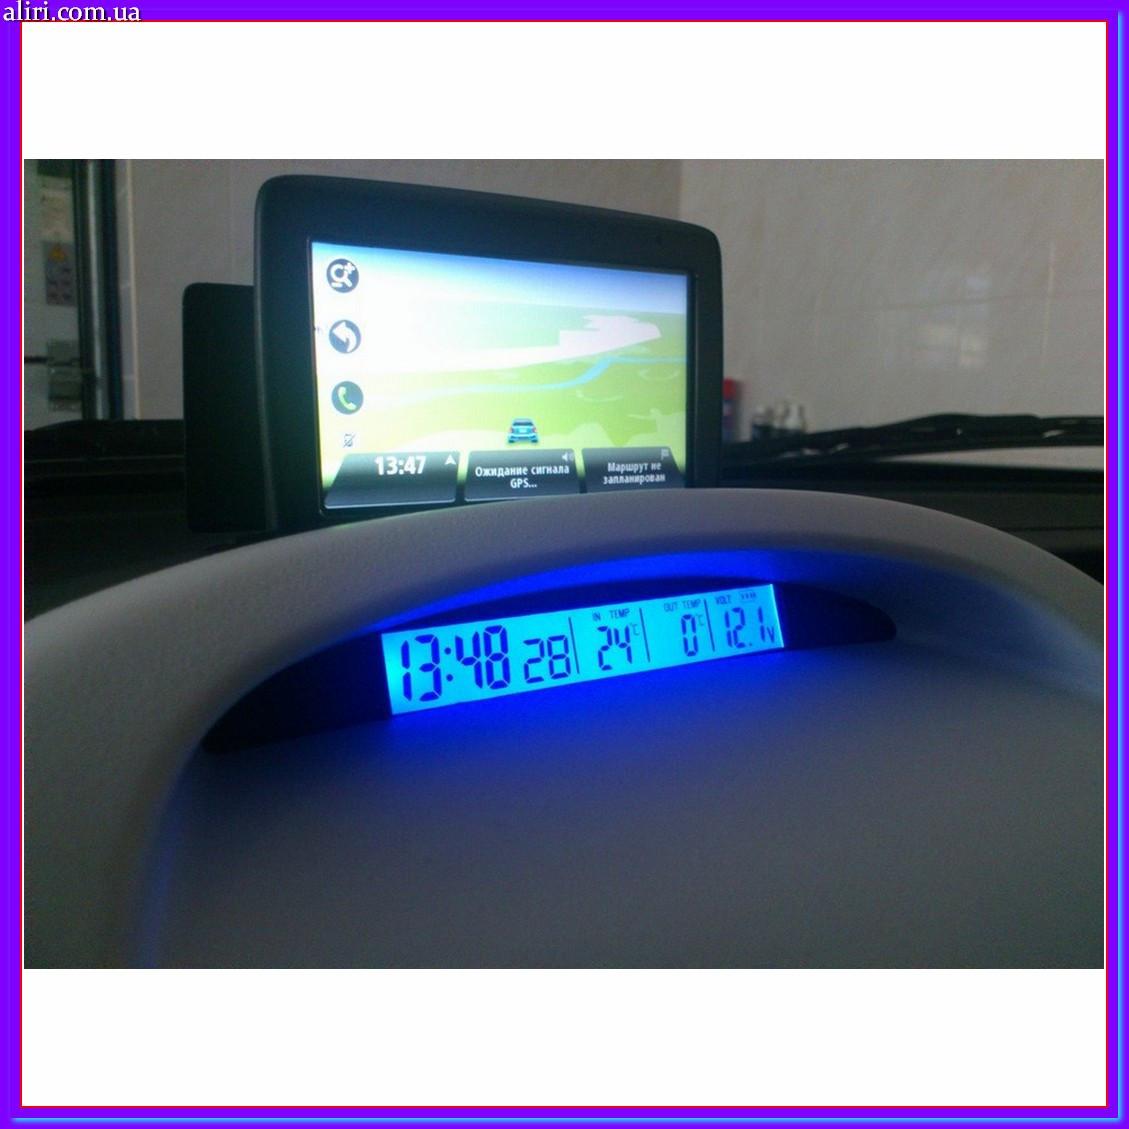 Автомобильные часы с термометром vst 7013 V